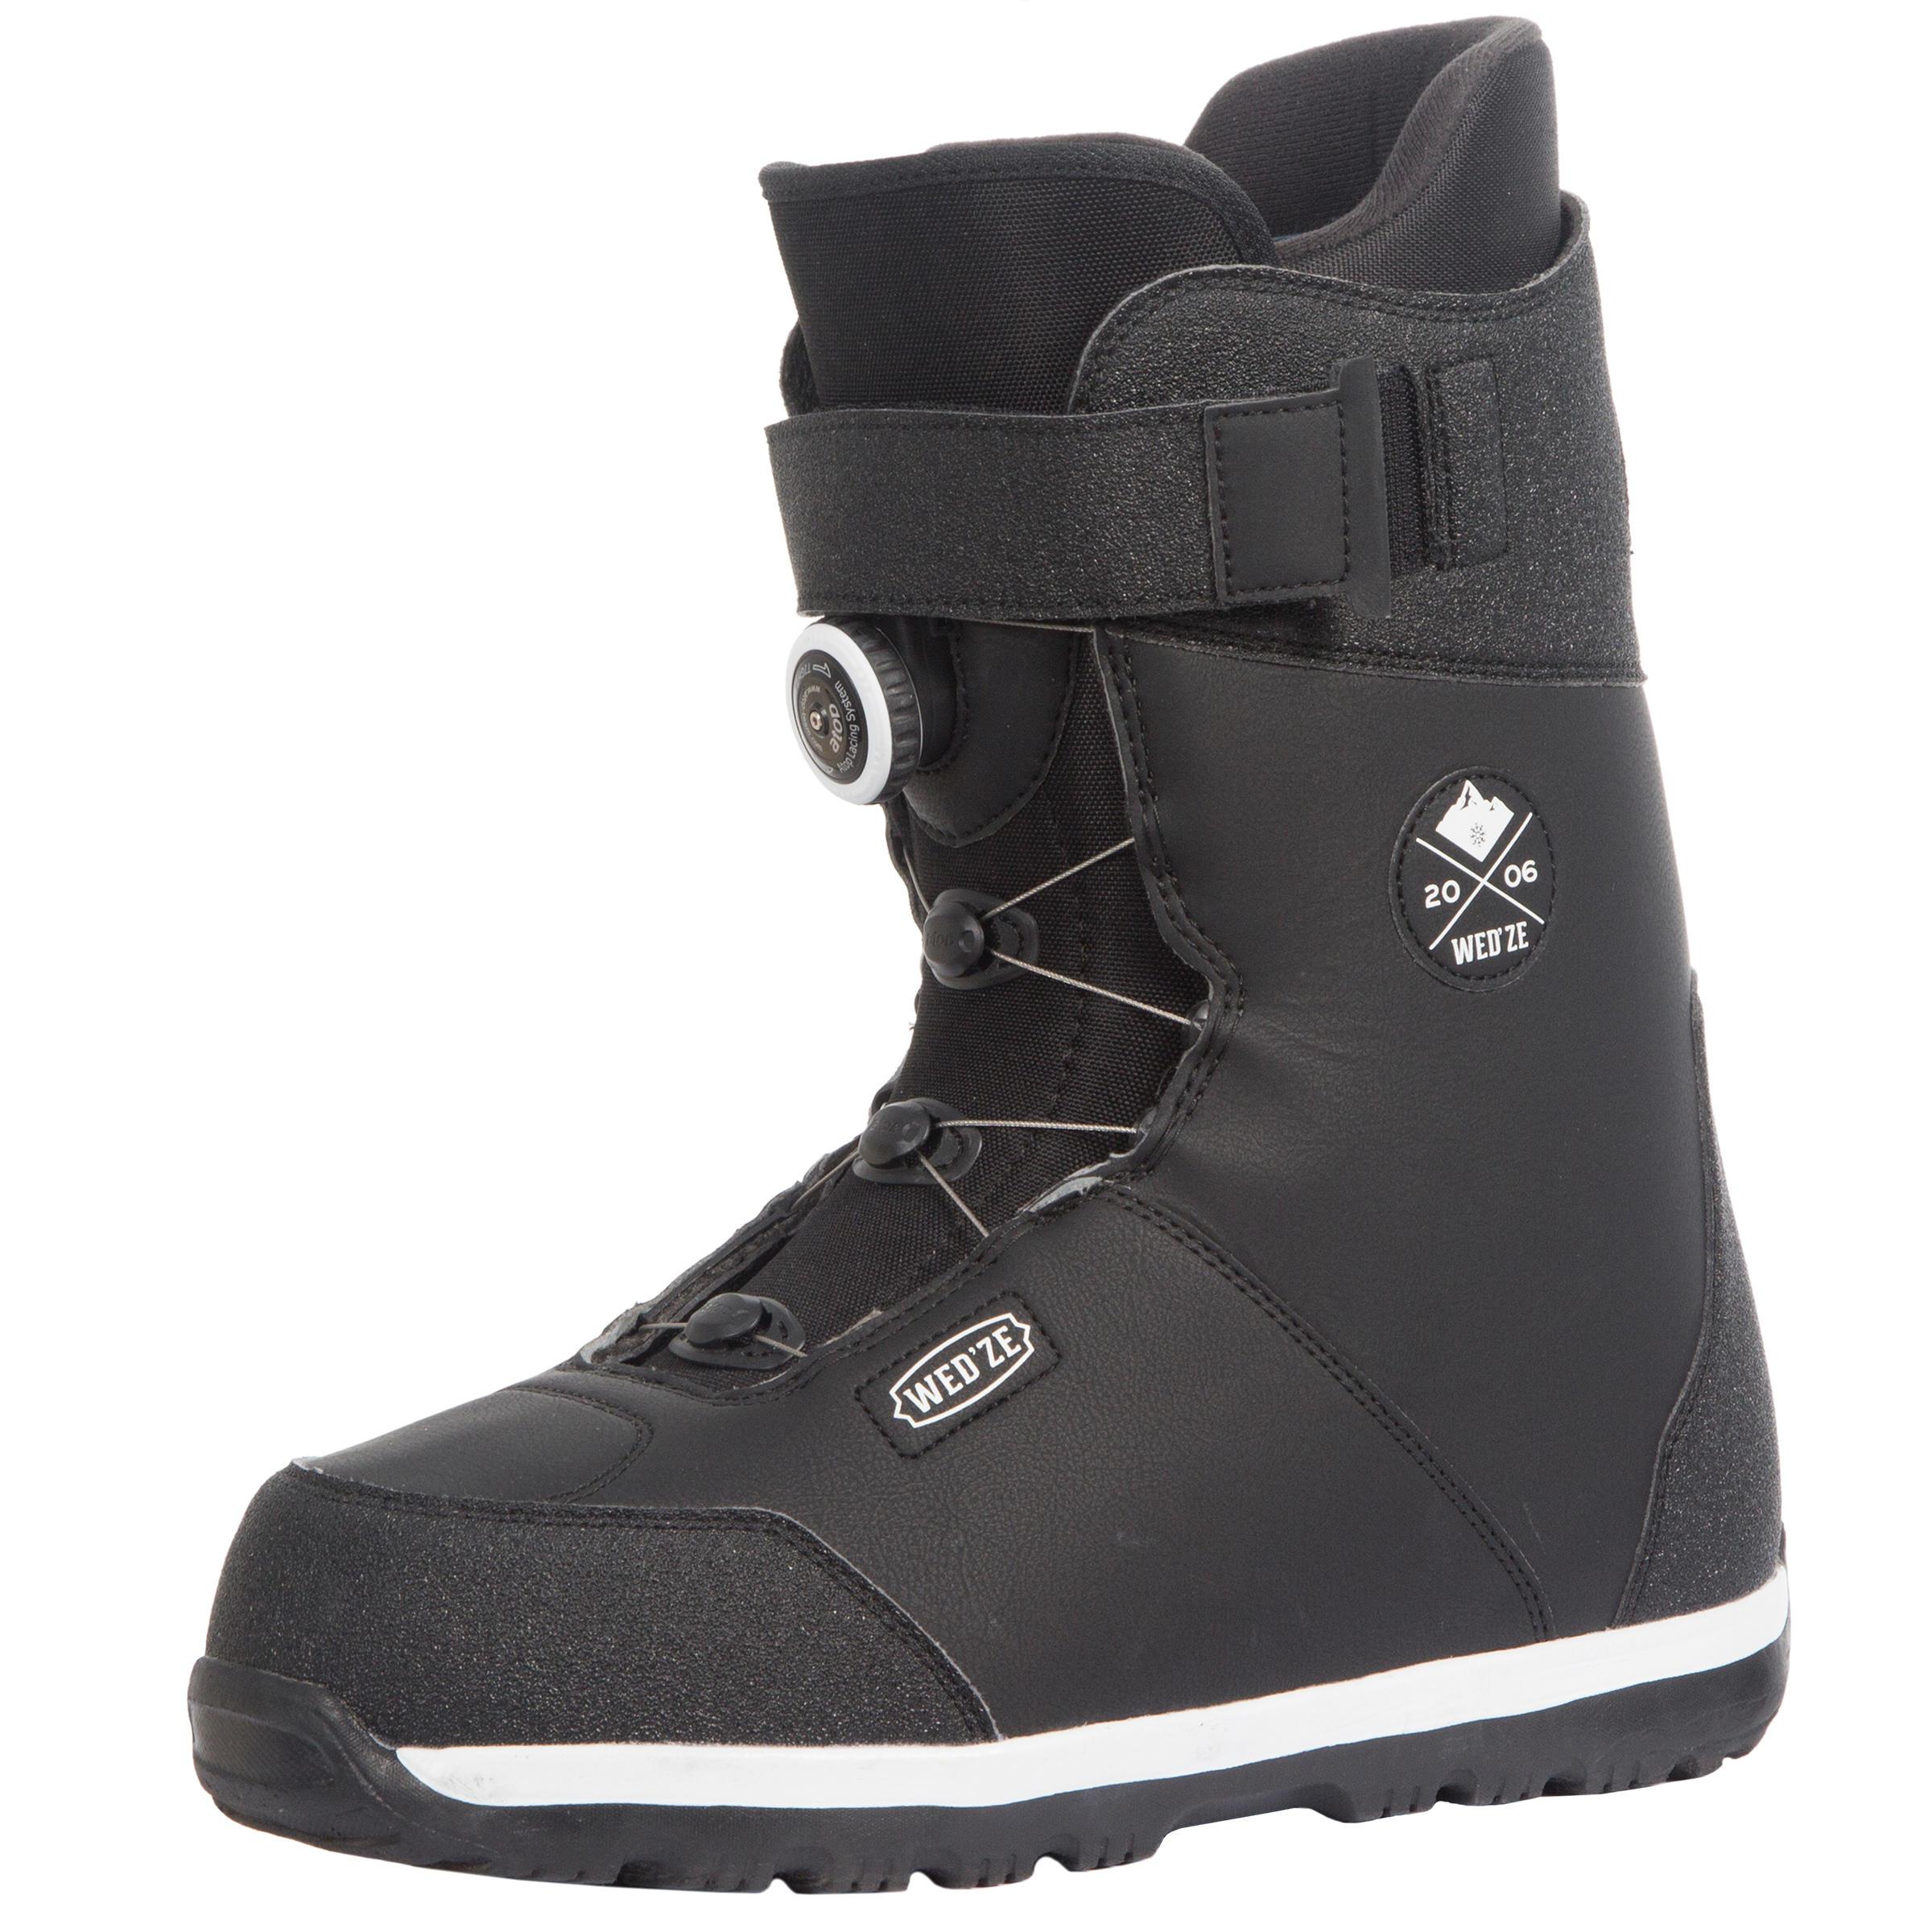 Boots Foraker 500 Bărbați